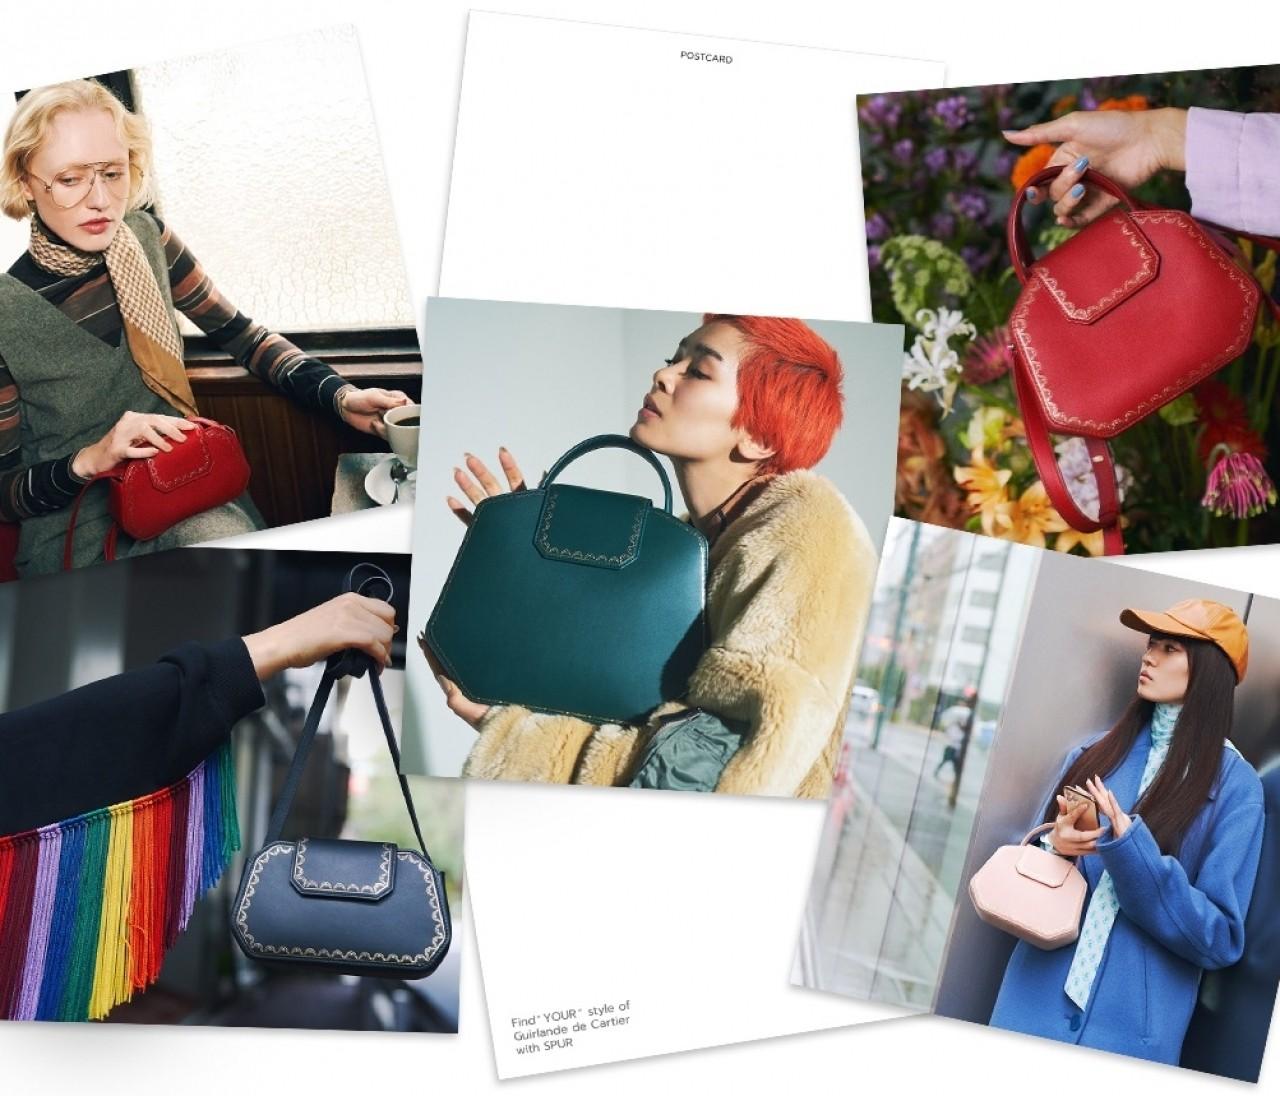 """カルティエのバッグであなただけのお気に入りを見つけて!""""100 Styles of Guirlande de Cartier""""公開中"""